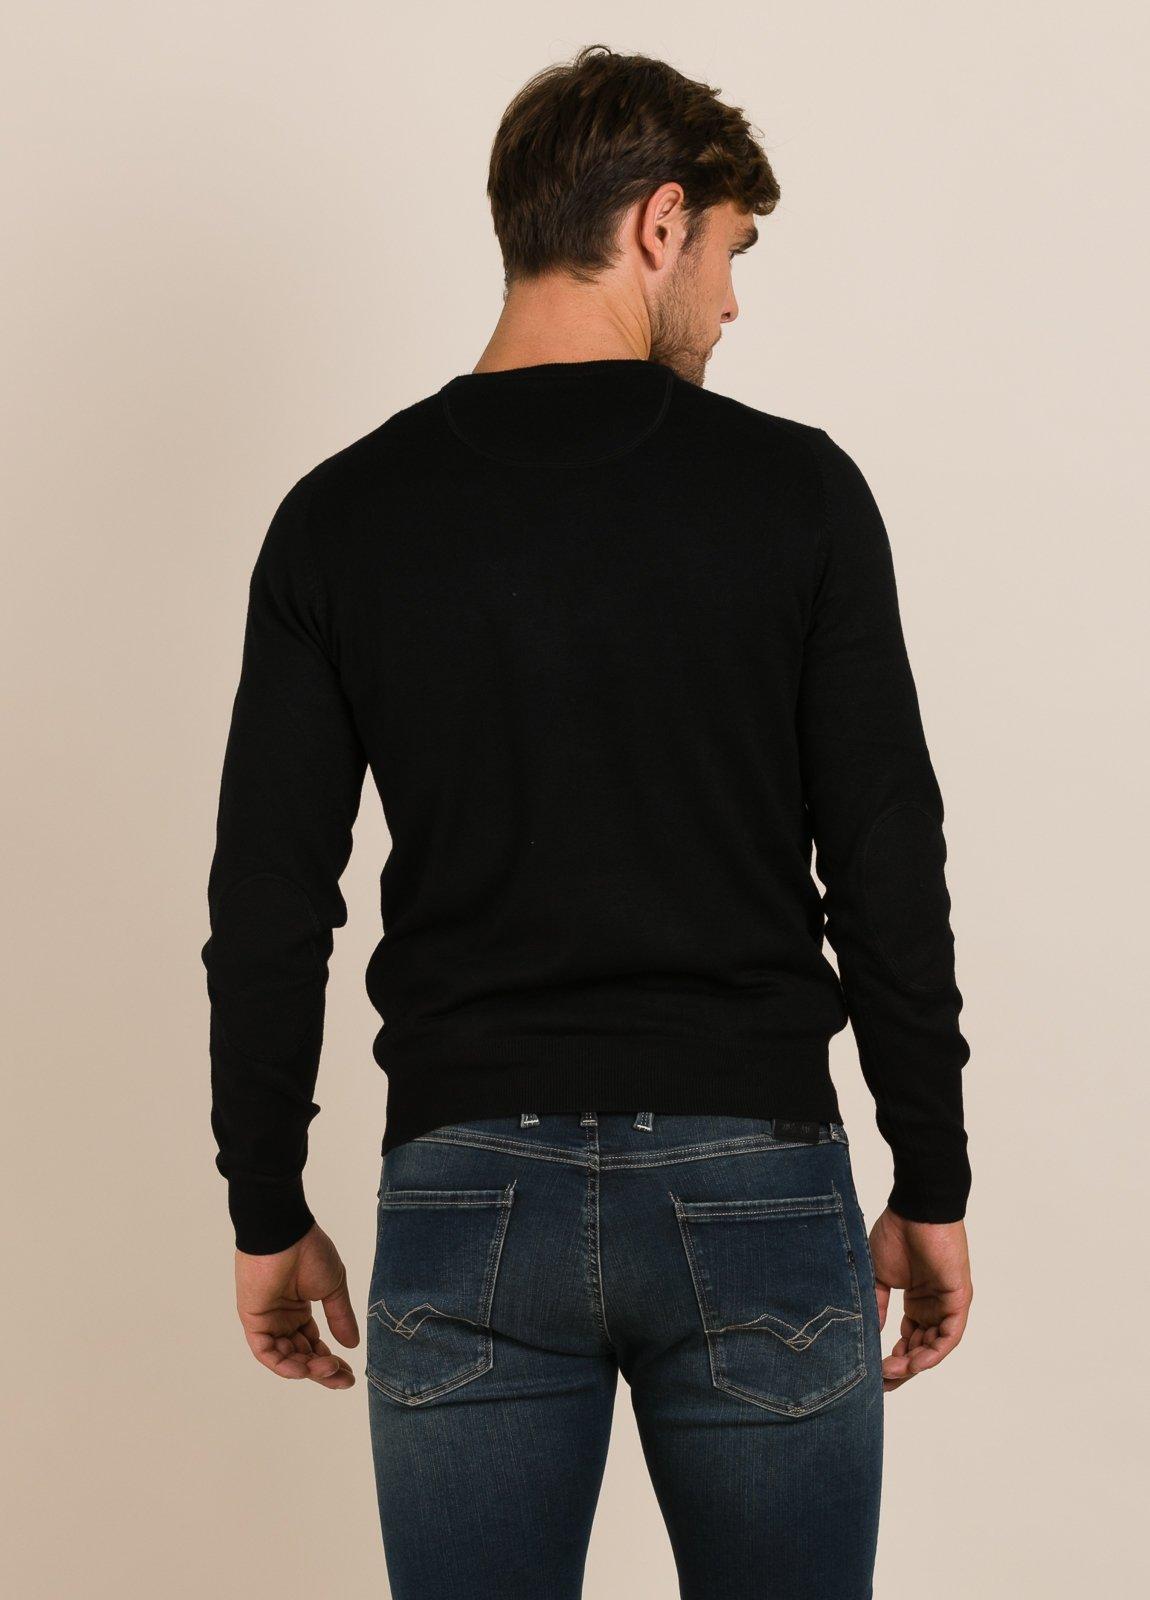 Jersey FUREST COLECCIÓN cuello redondo negro - Ítem1